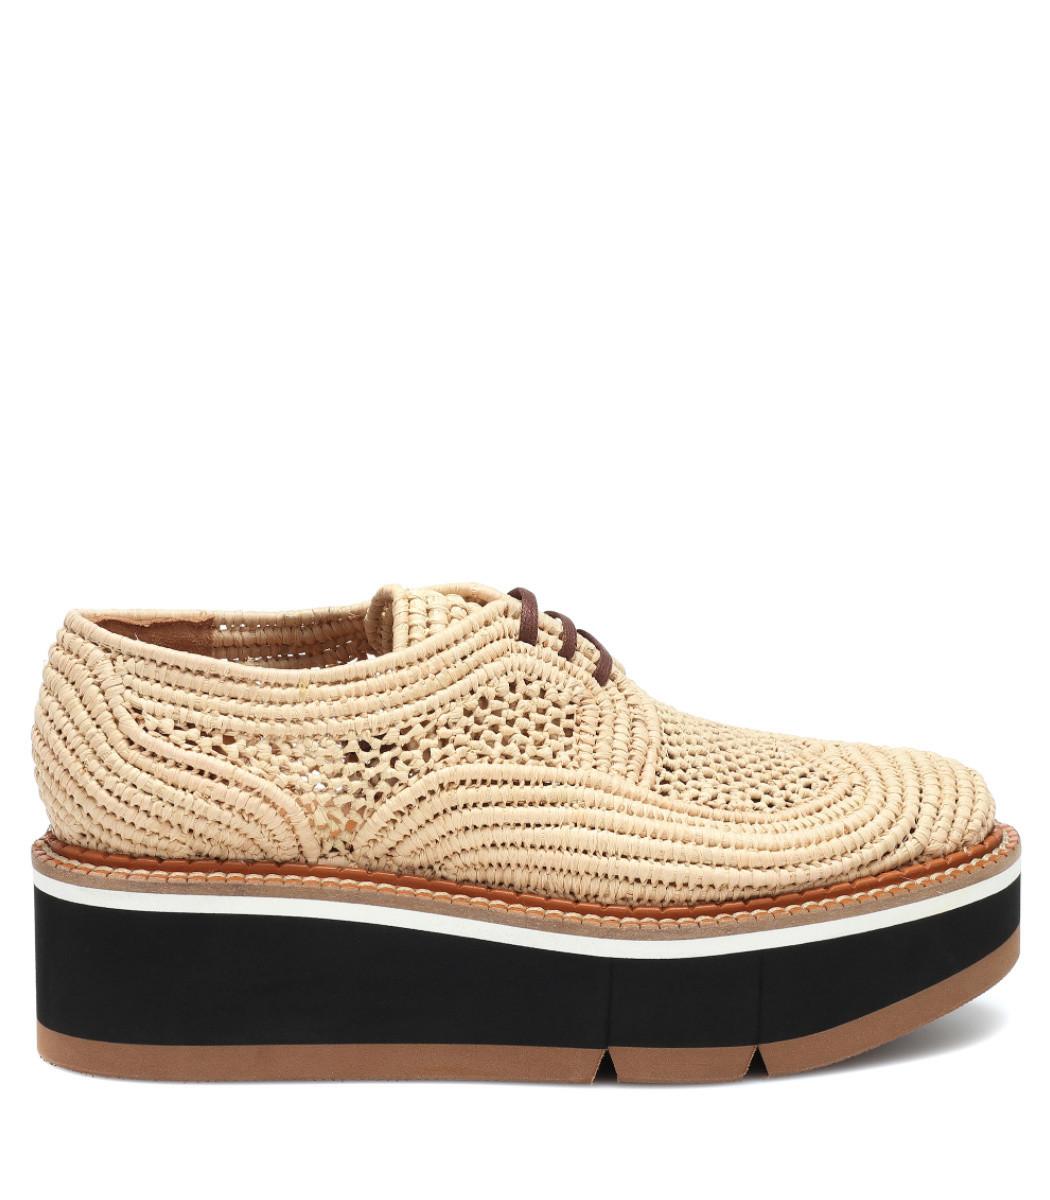 8135251c896c Clergerie Acajou Raffia Platform Oxford Shoes - ShopBAZAAR